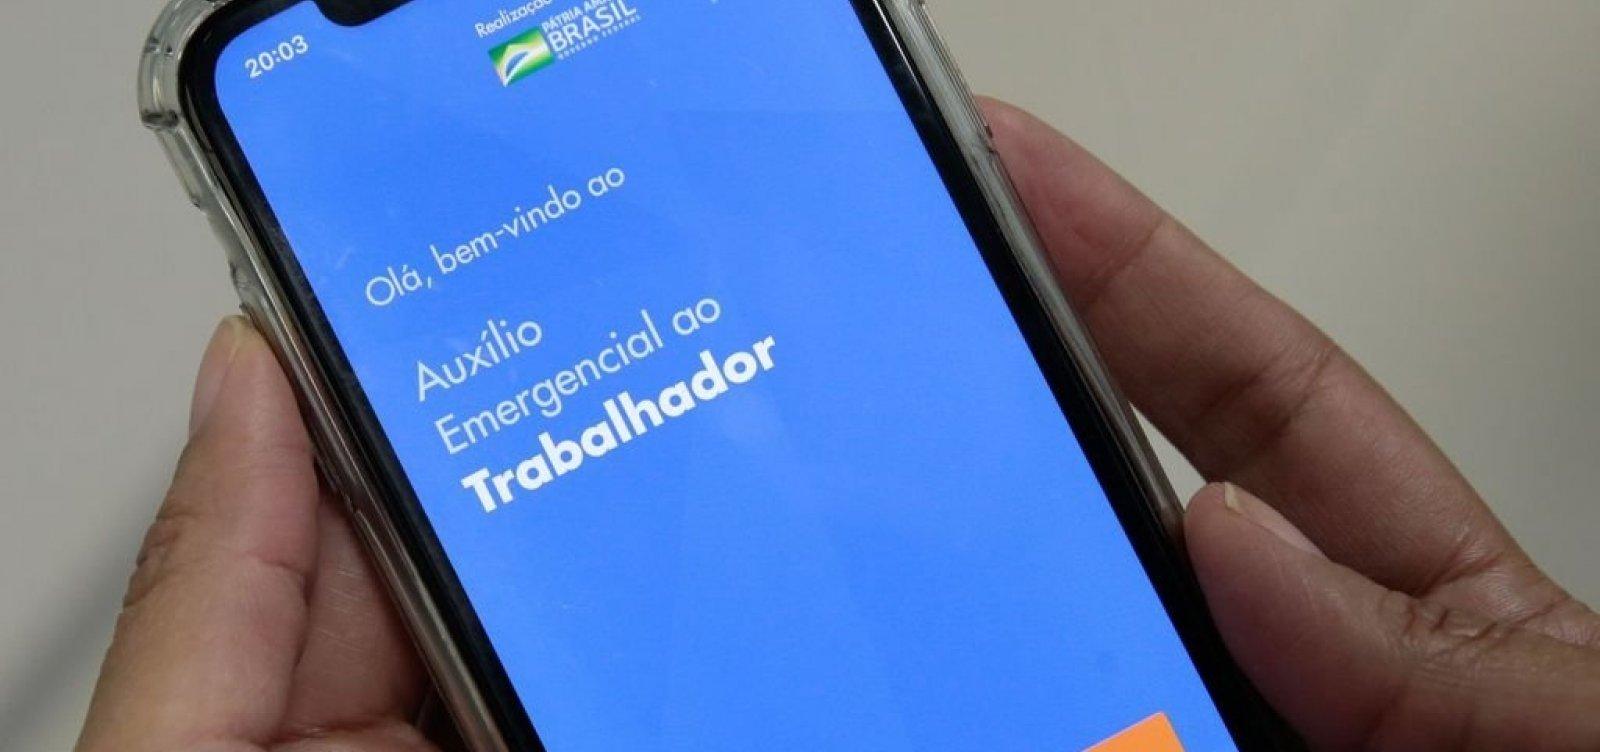 [Auxílio Emergencial: Caixa pede que clientes atualizem app para habilitar compras nas maquininhas de cartão]